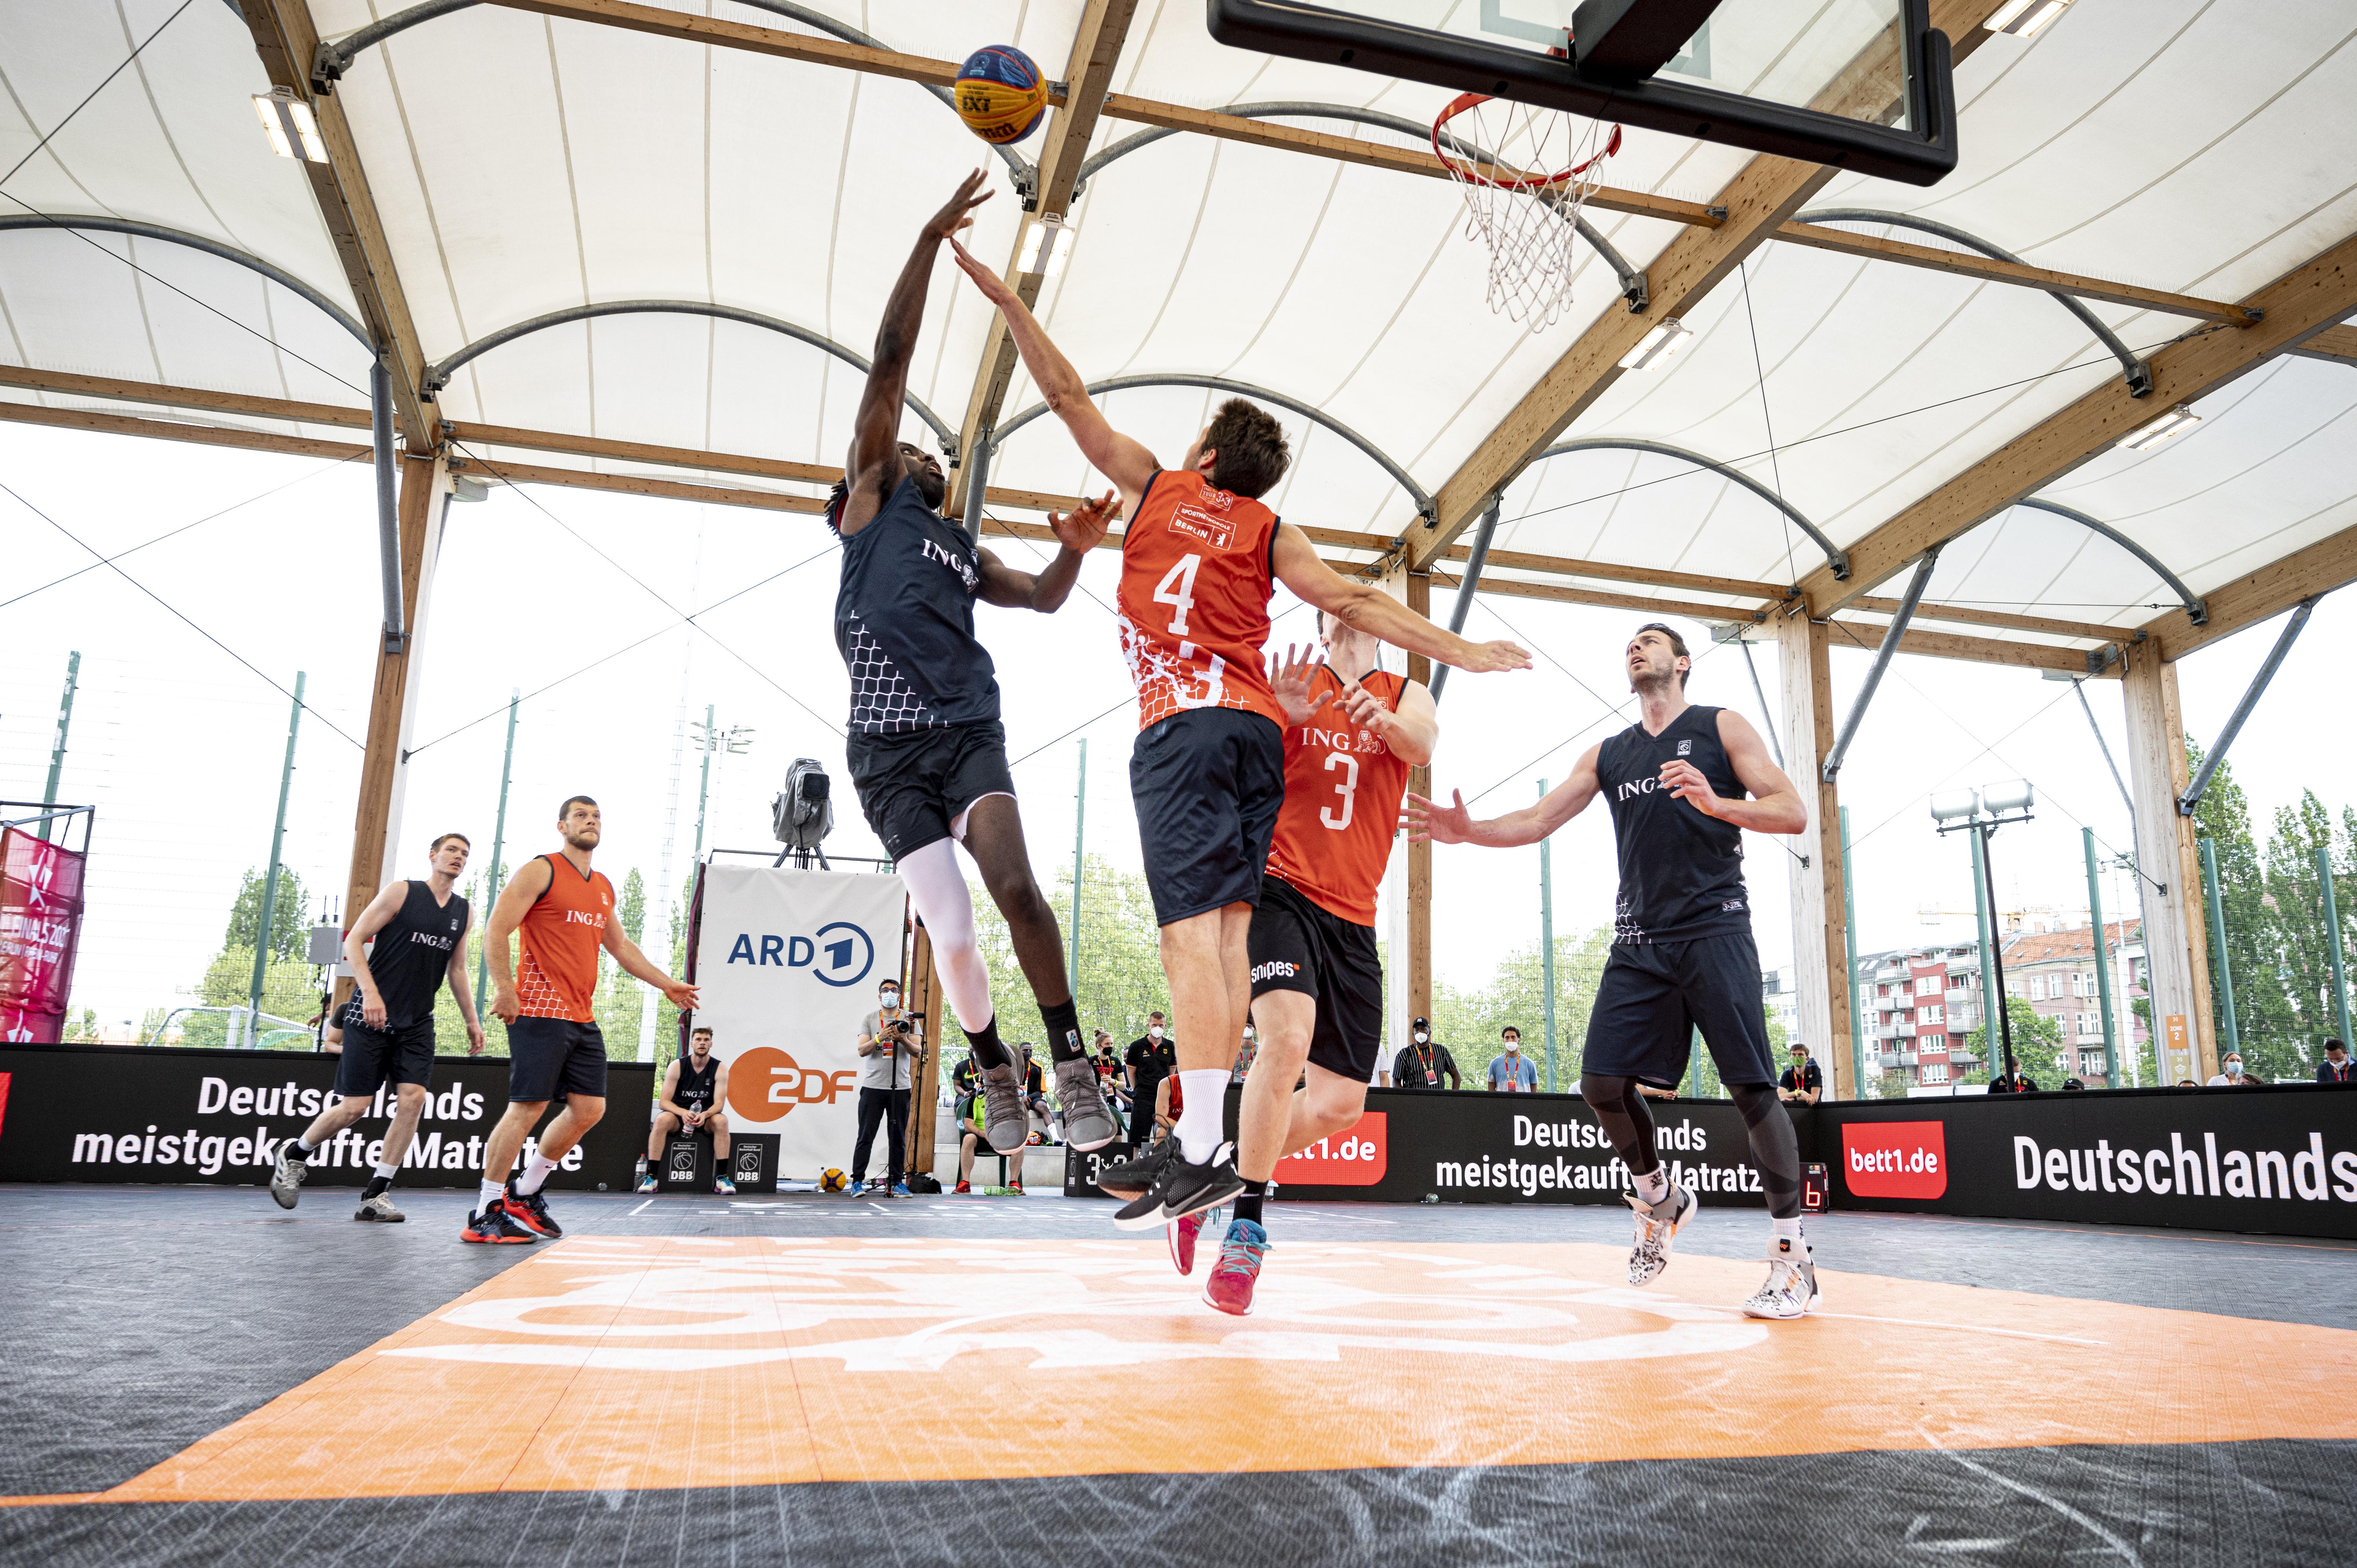 Finals 2021 - 3x3 Basketball...